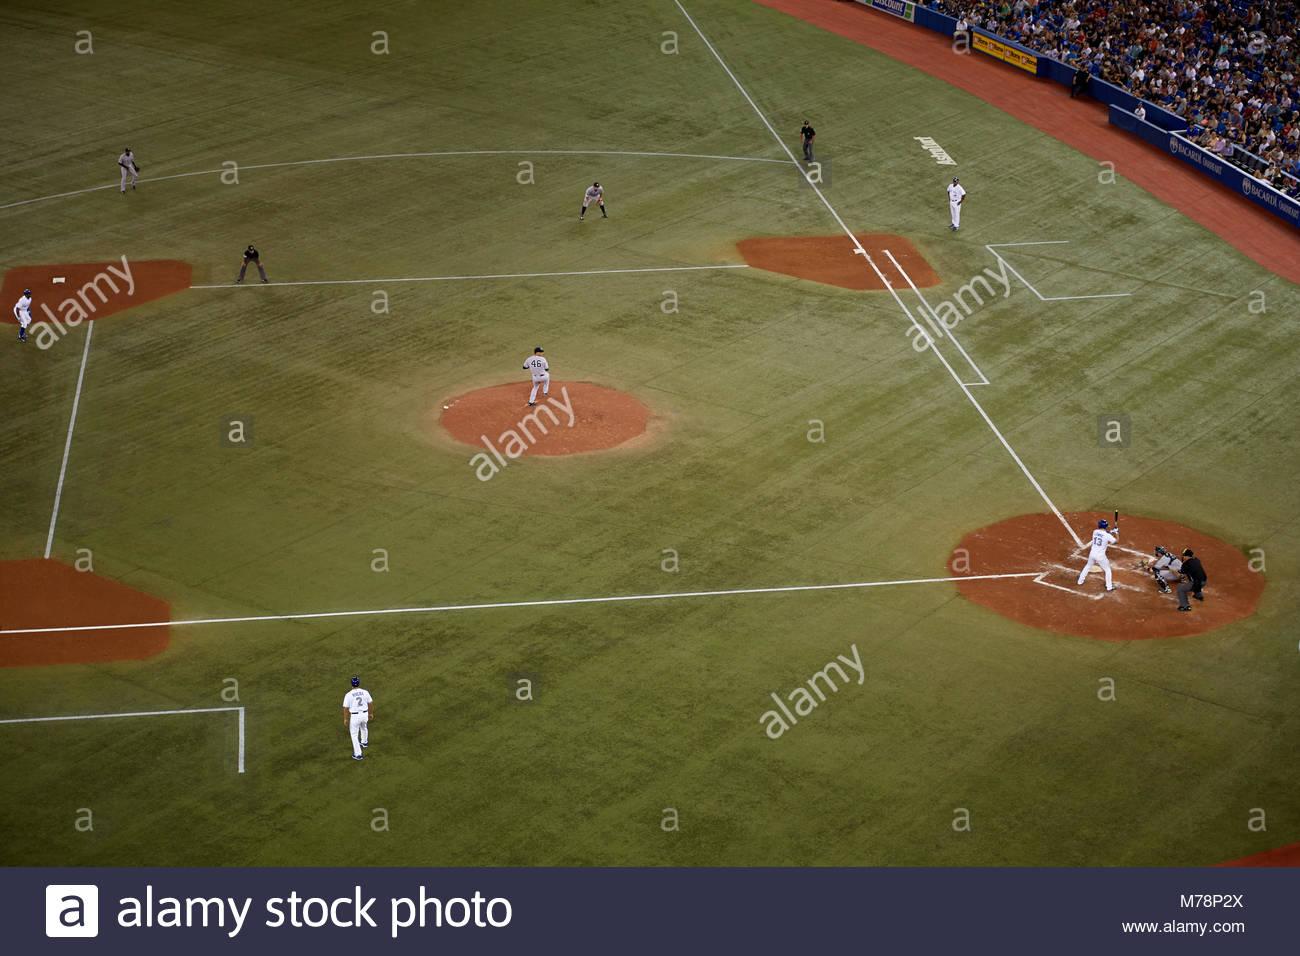 Il Toronto Blue Jays giocare a baseball a un sold out folla a Rogers Centre Sky Dome, a Toronto in Canada. Lo stadio Immagini Stock